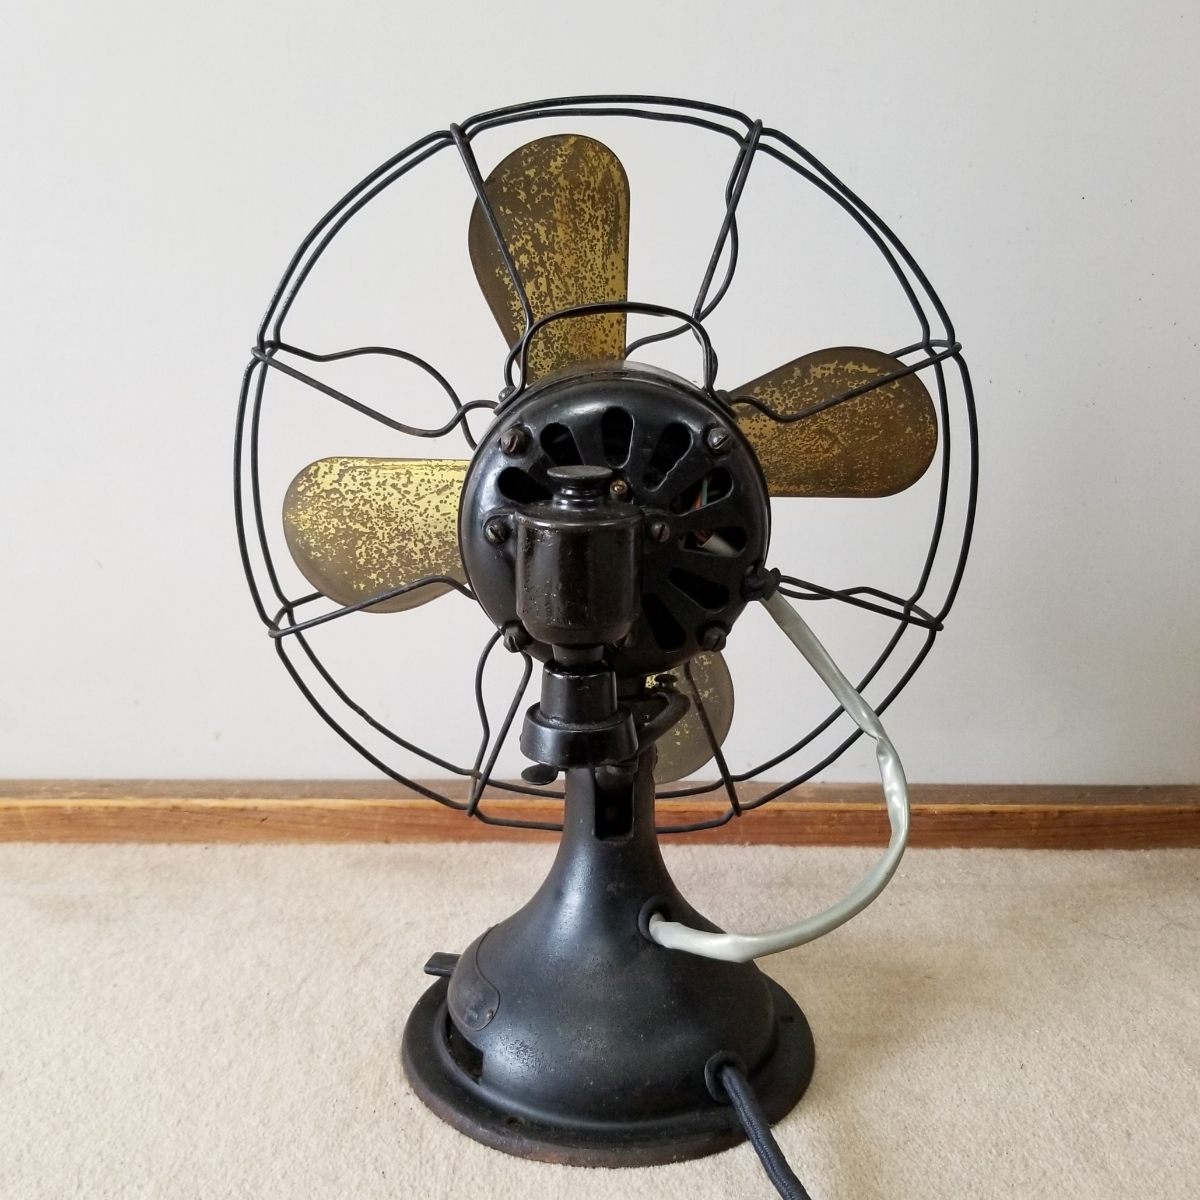 東京芝浦電気製 戦前 扇風機 可動品_画像2